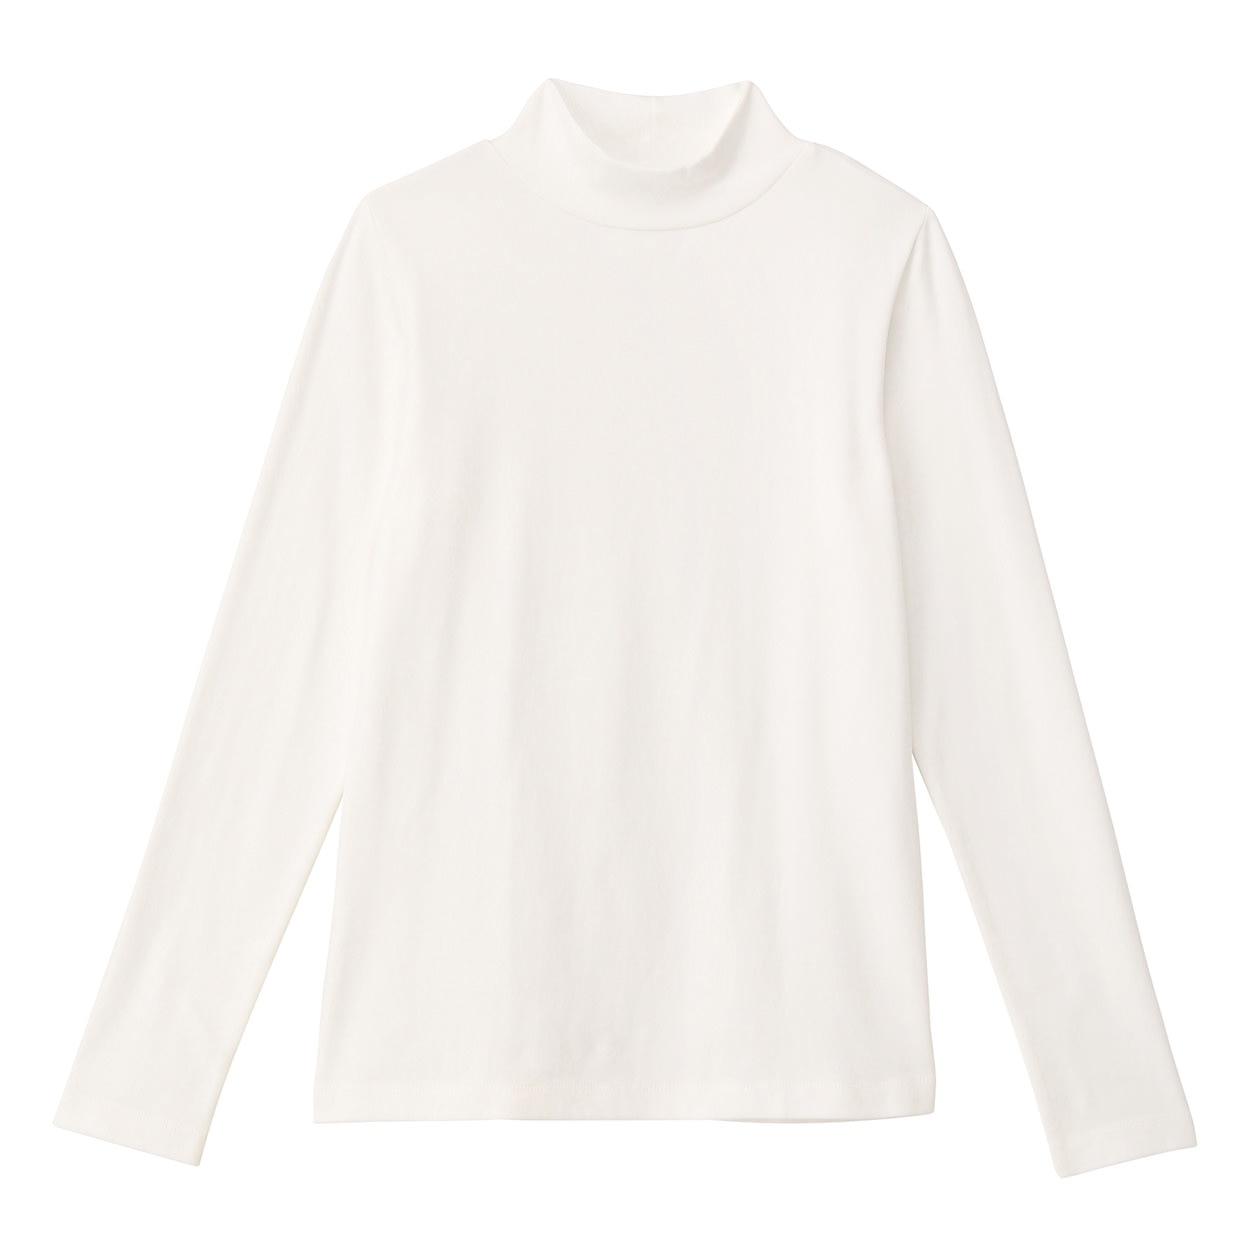 オーガニックコットンストレッチハイネックTシャツ